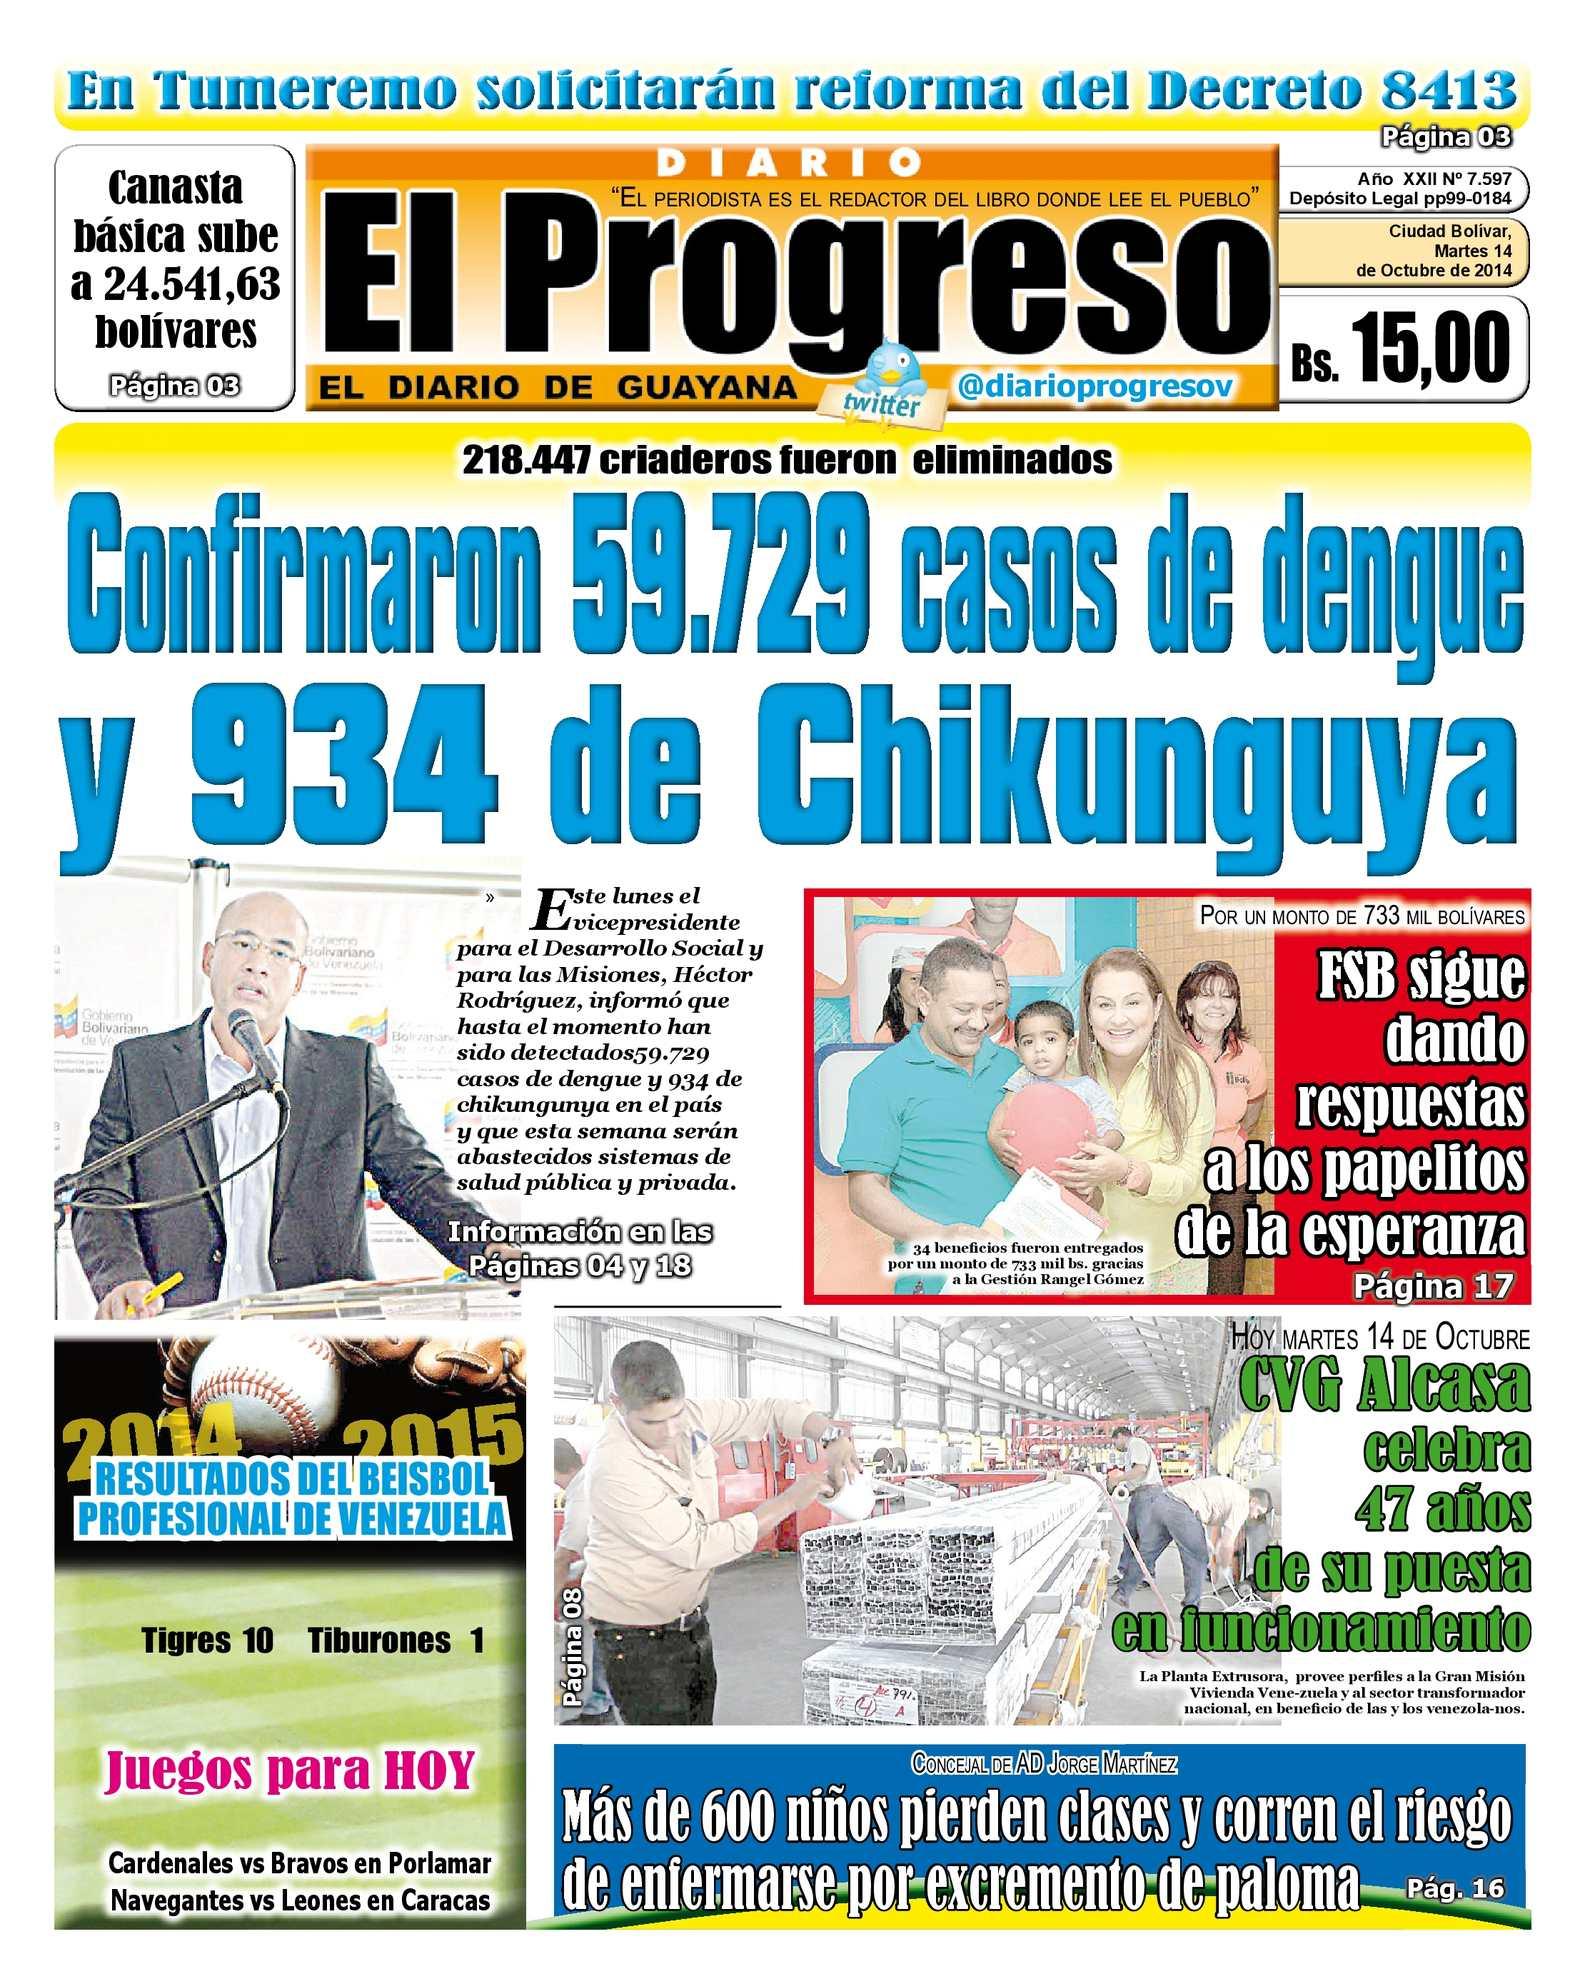 Calaméo - DiarioelprogresoEdiciónDigital 14-10-2014